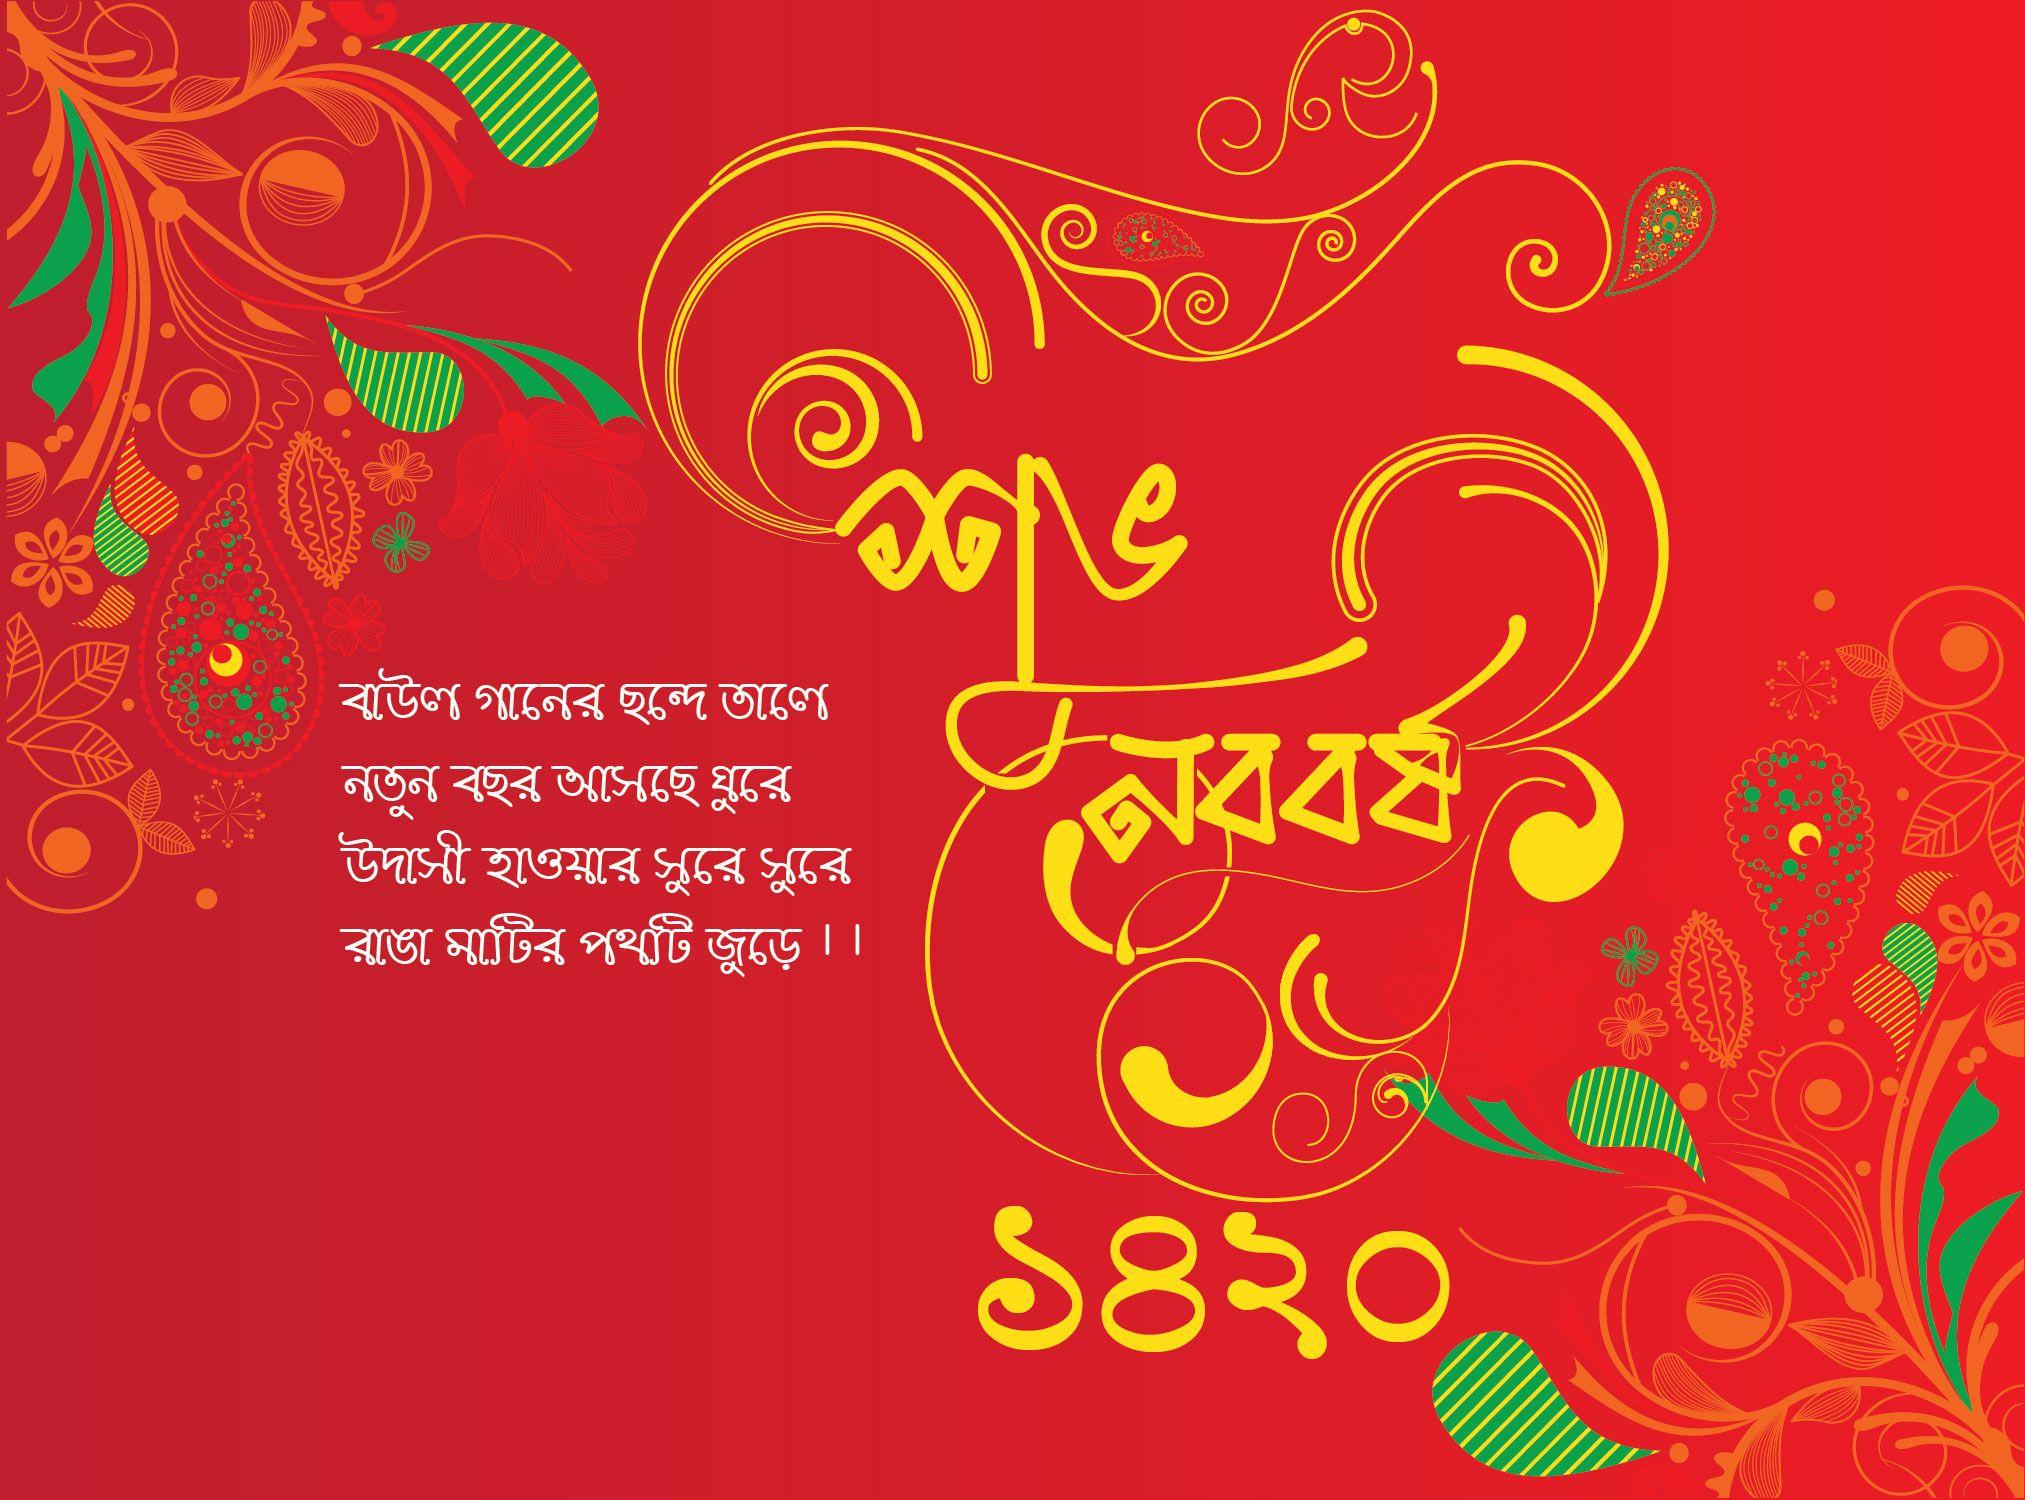 M K Design Bangla Noboborsho Card Cards Greeting Cards Design